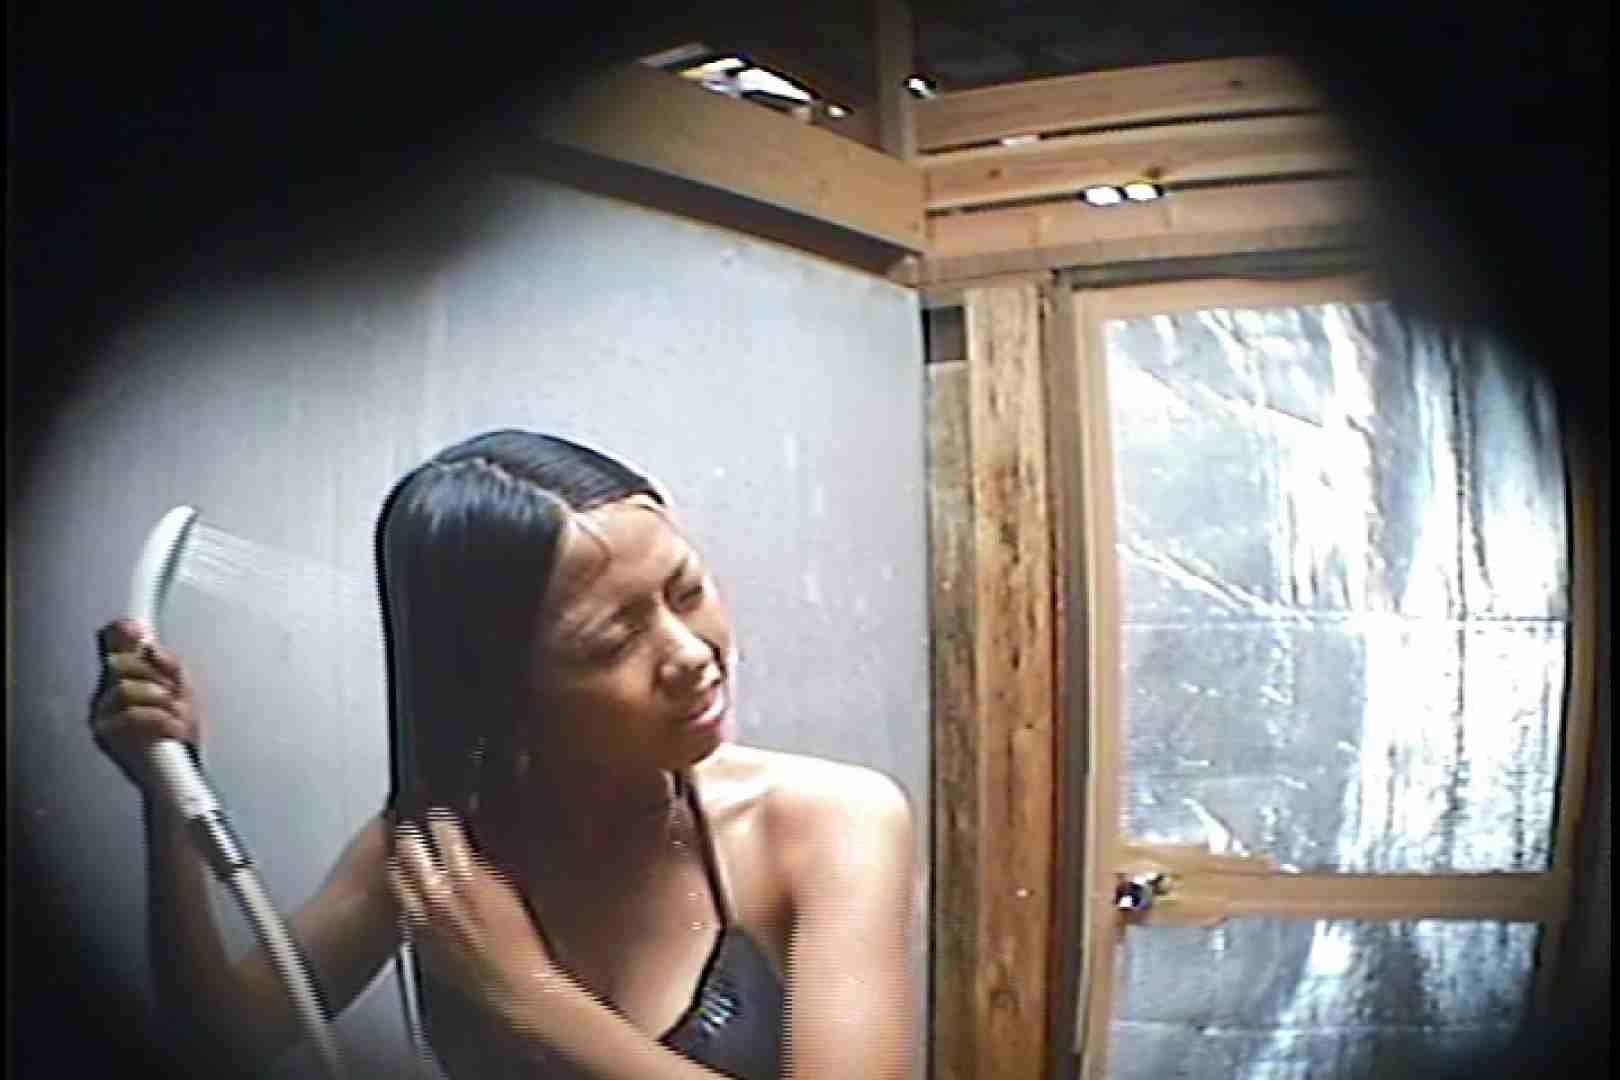 海の家の更衣室 Vol.45 日焼けした女たち ヌード画像 78画像 41